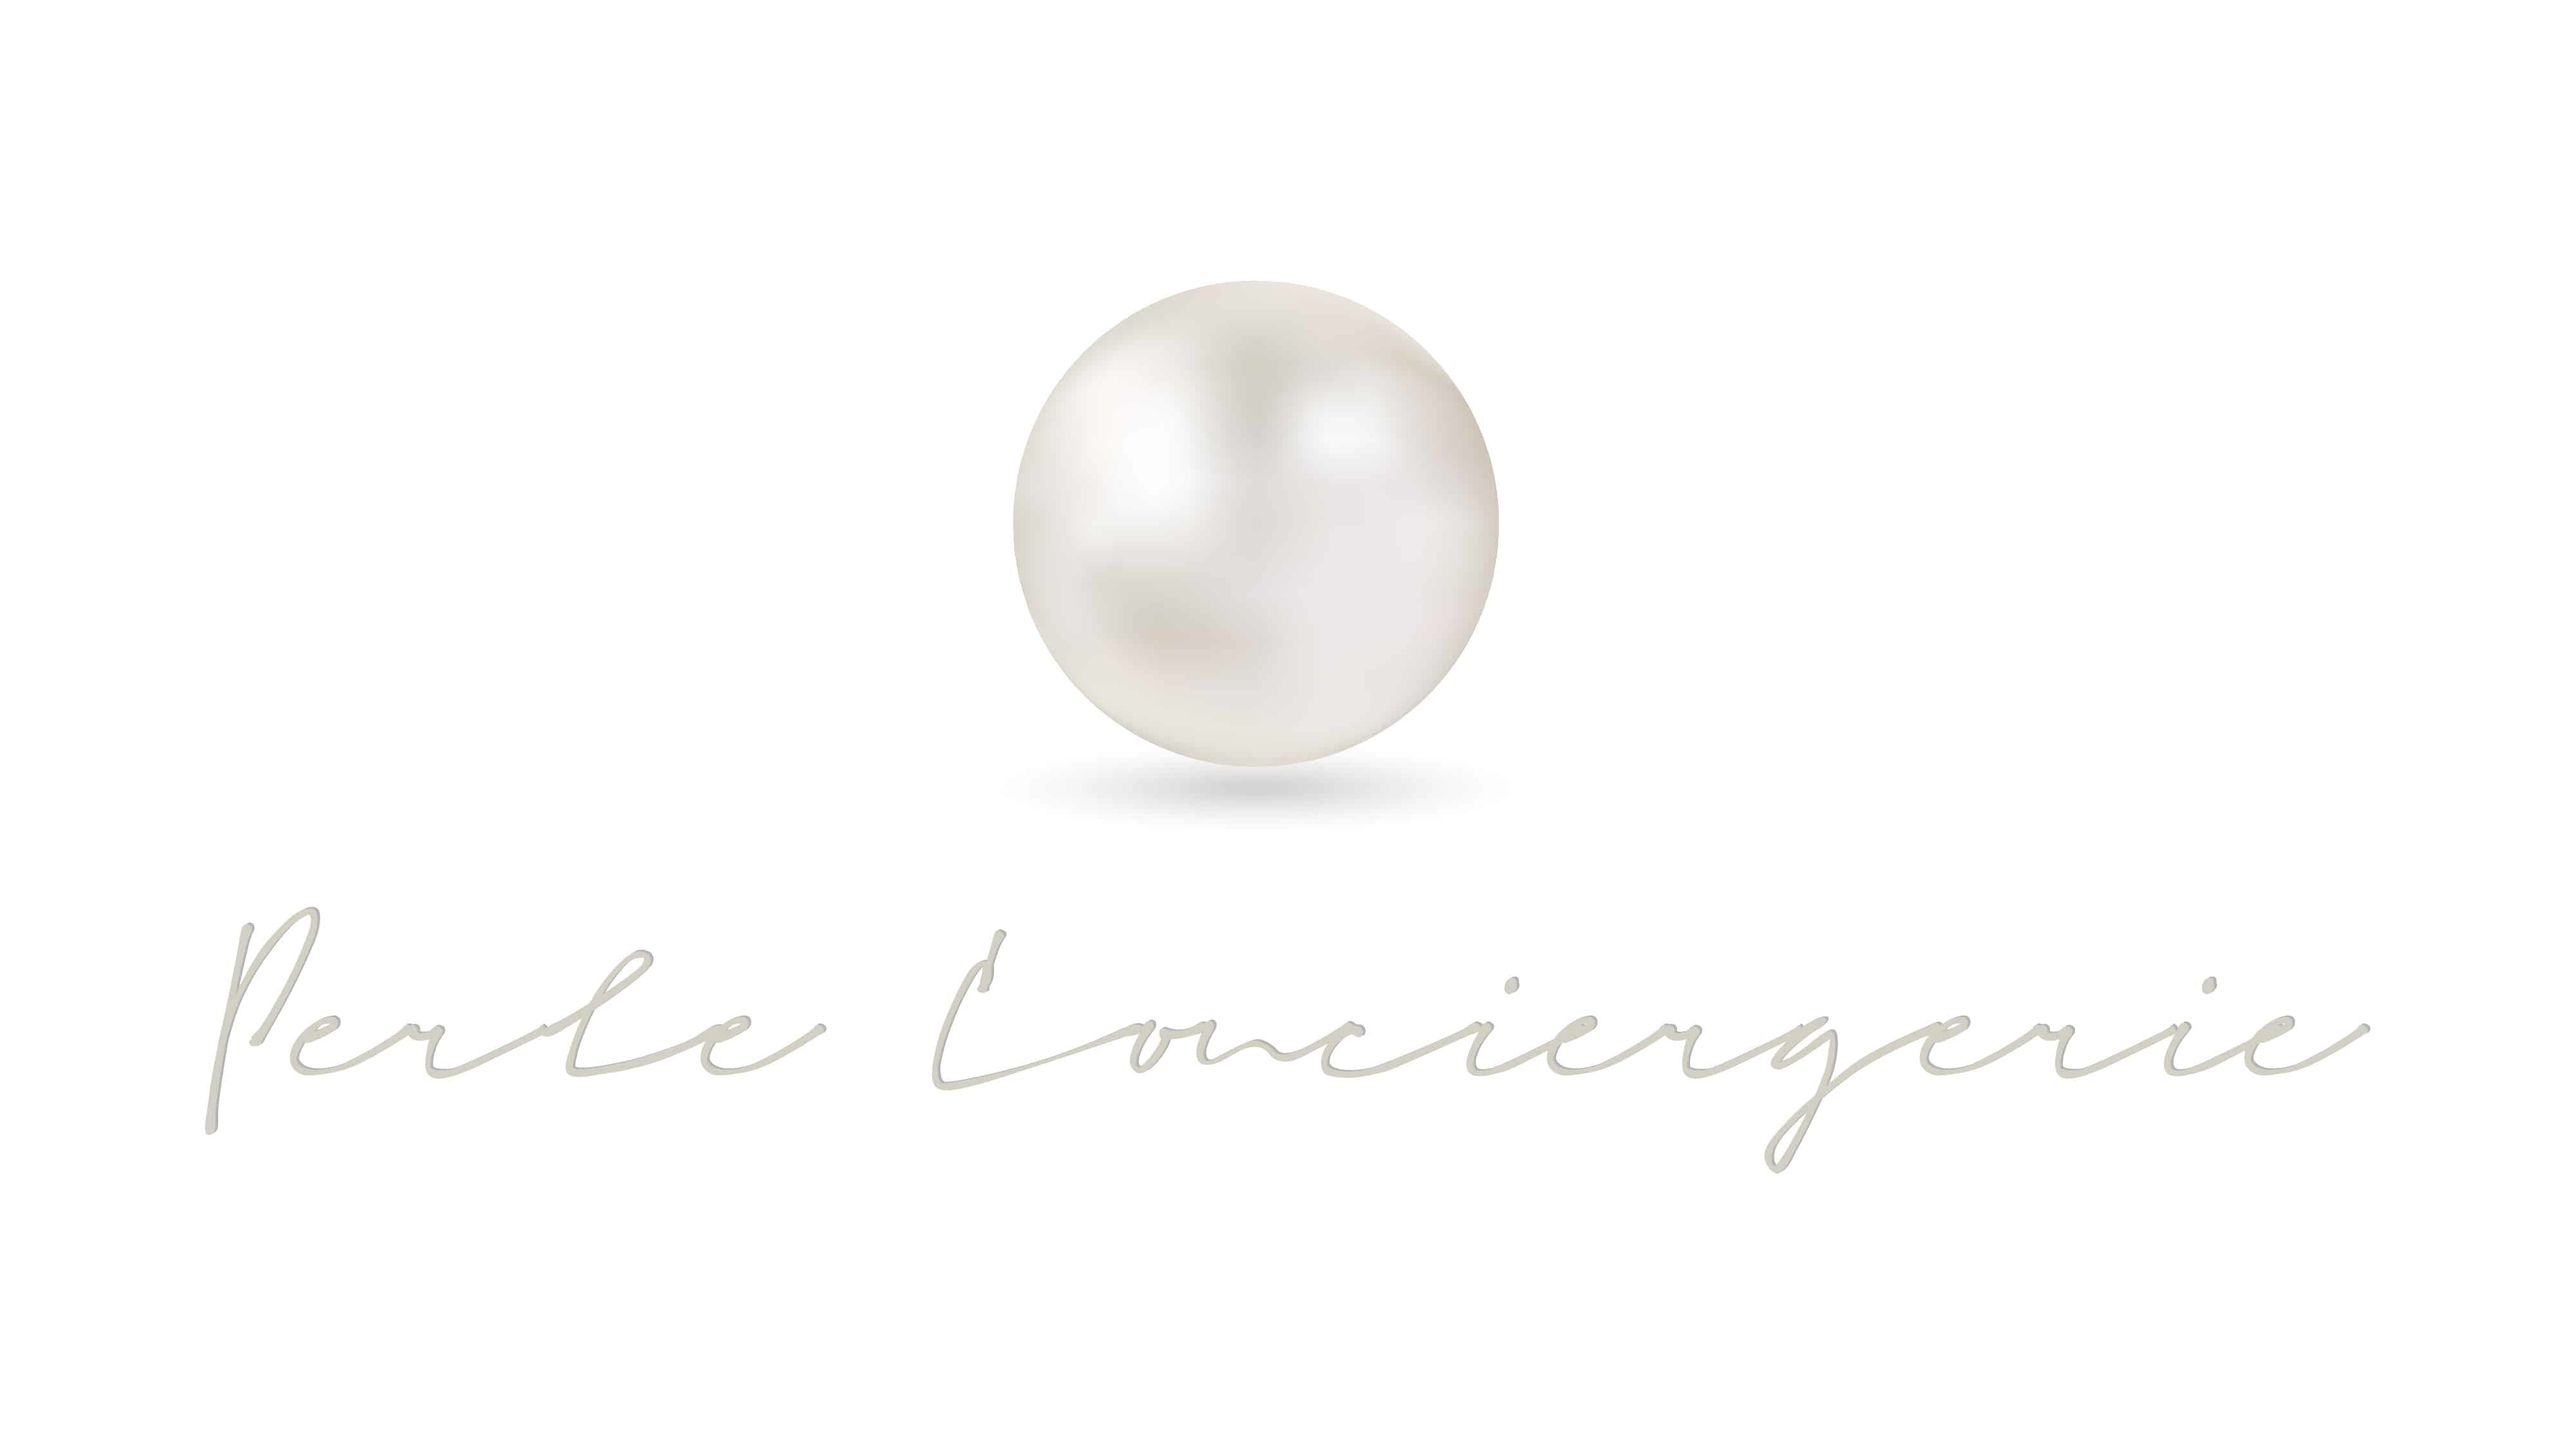 Perle Conciergerie